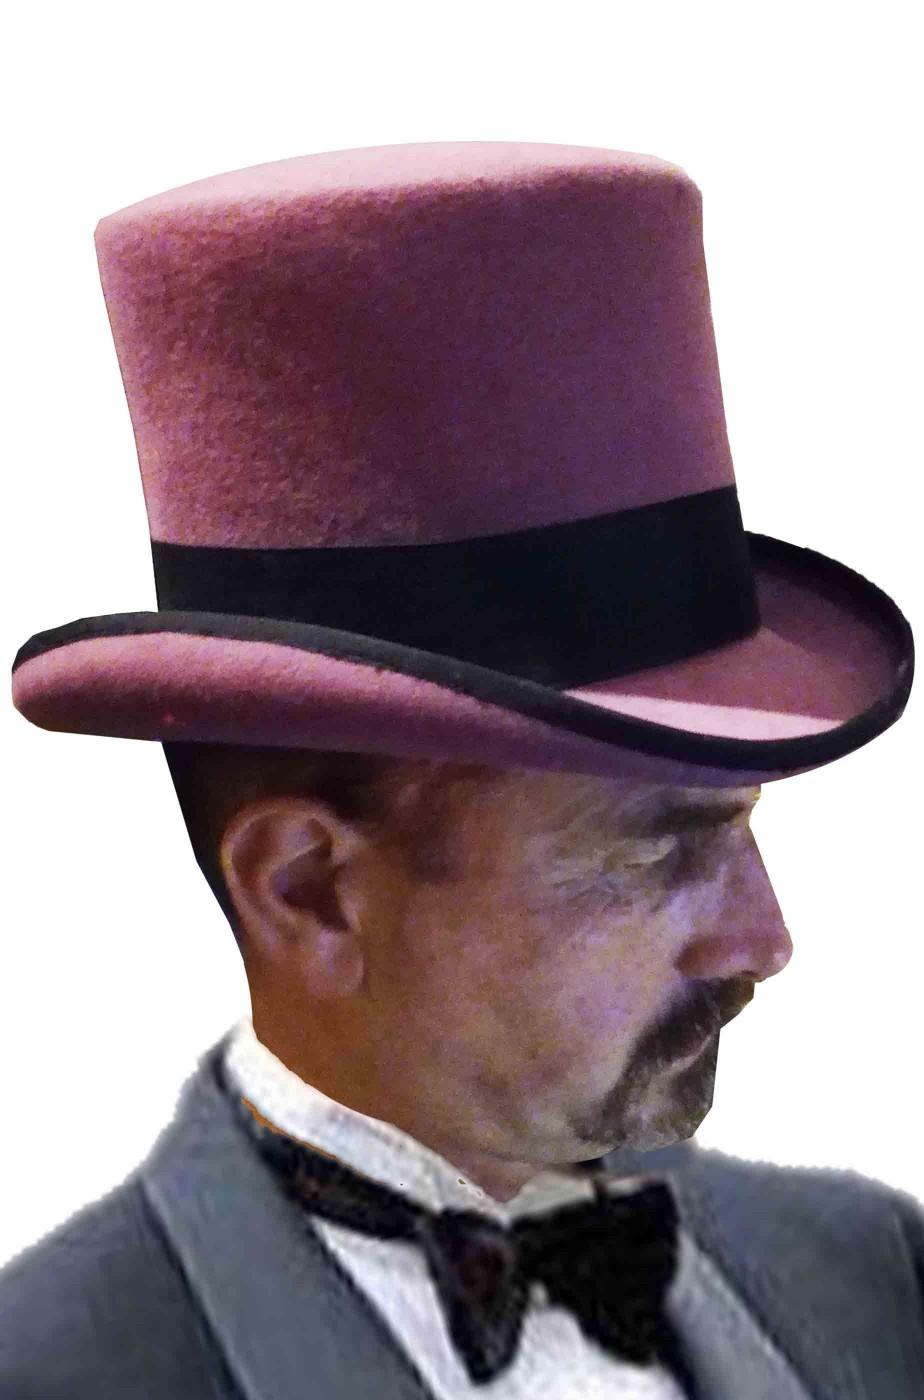 Cappello a cilindro adulto viola sartoriale con piccole macchie